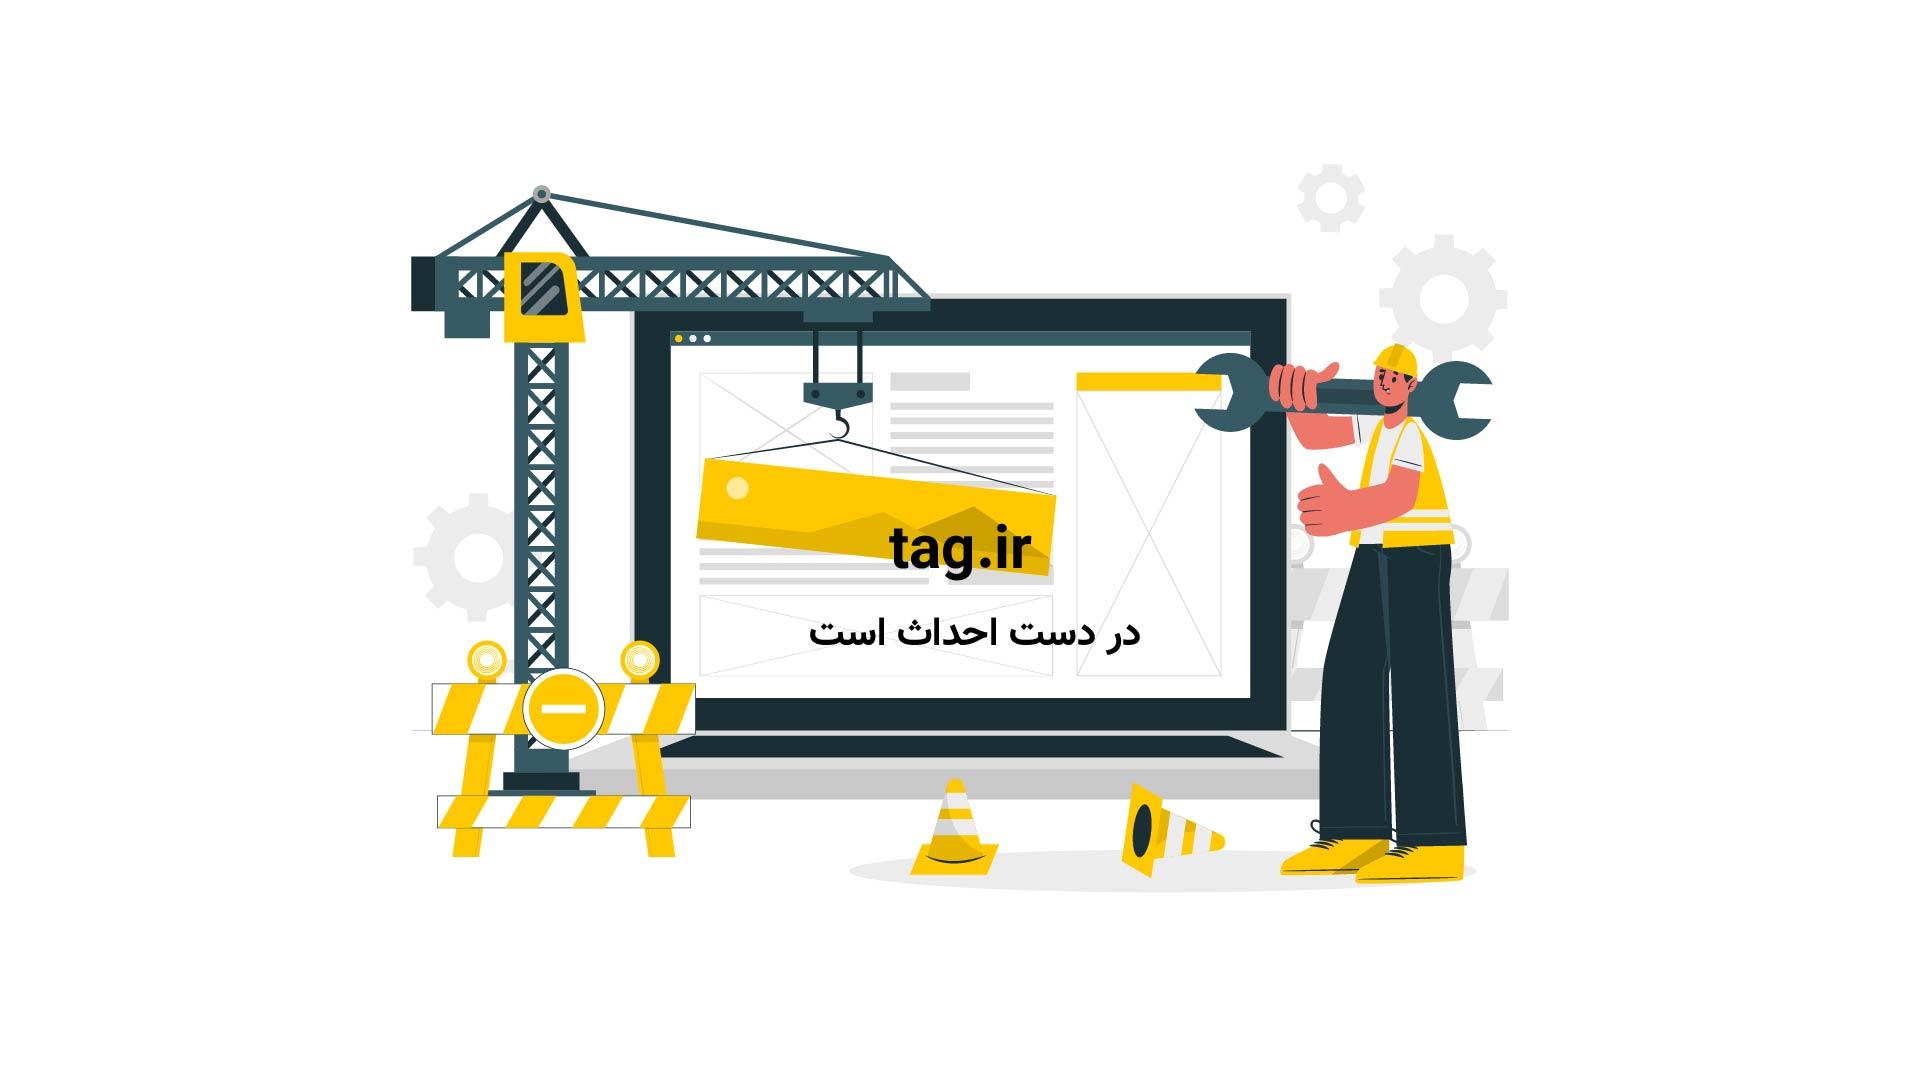 نبرد خونین شیرهای نر رهبر دو گله بر سر قلمرو|تگ